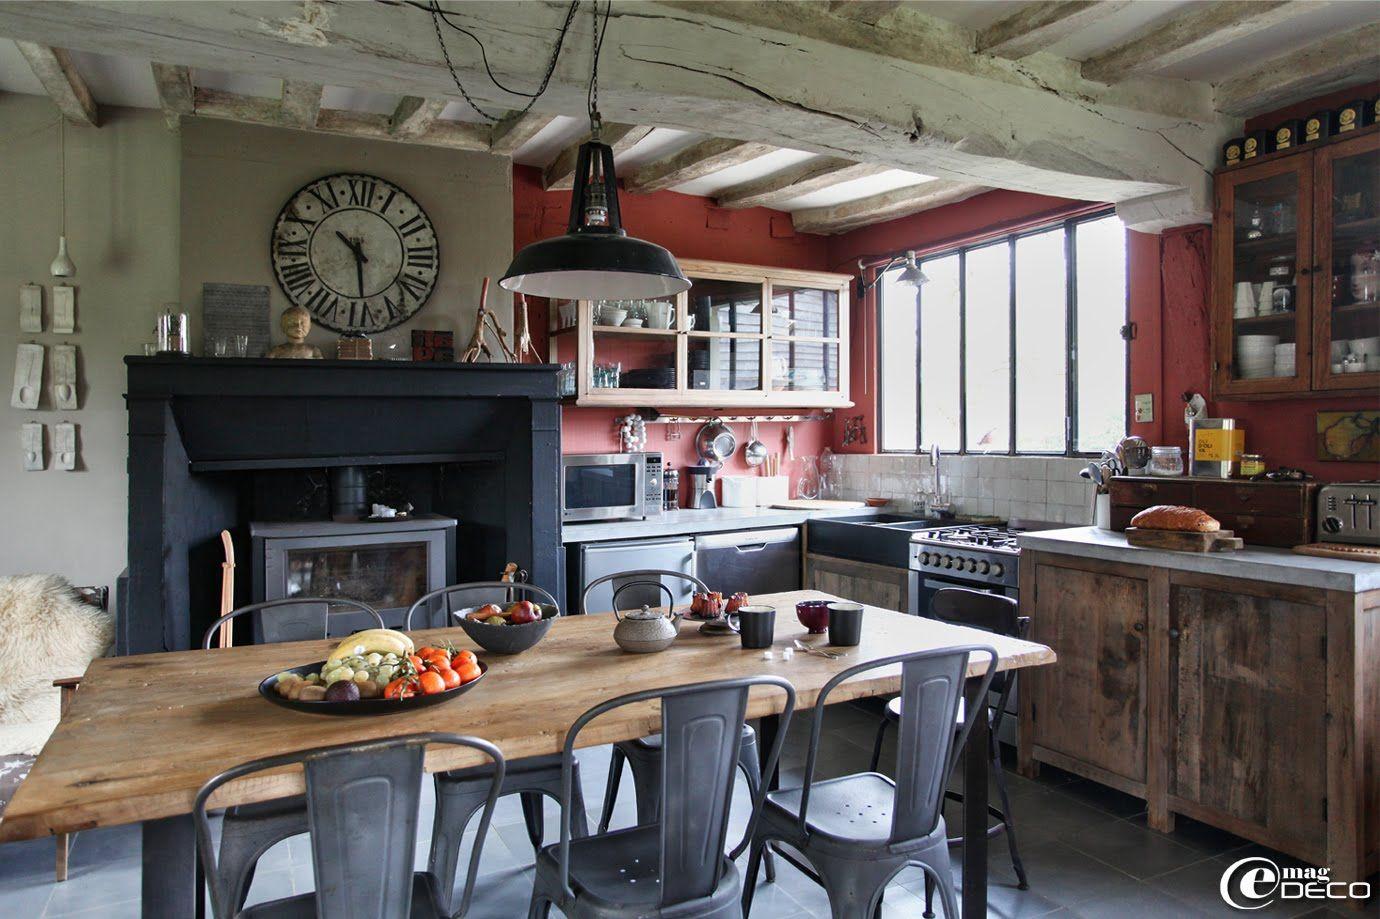 Table de cuisine compos e d 39 une porte ancienne en orme et for Cuisine ancienne campagne